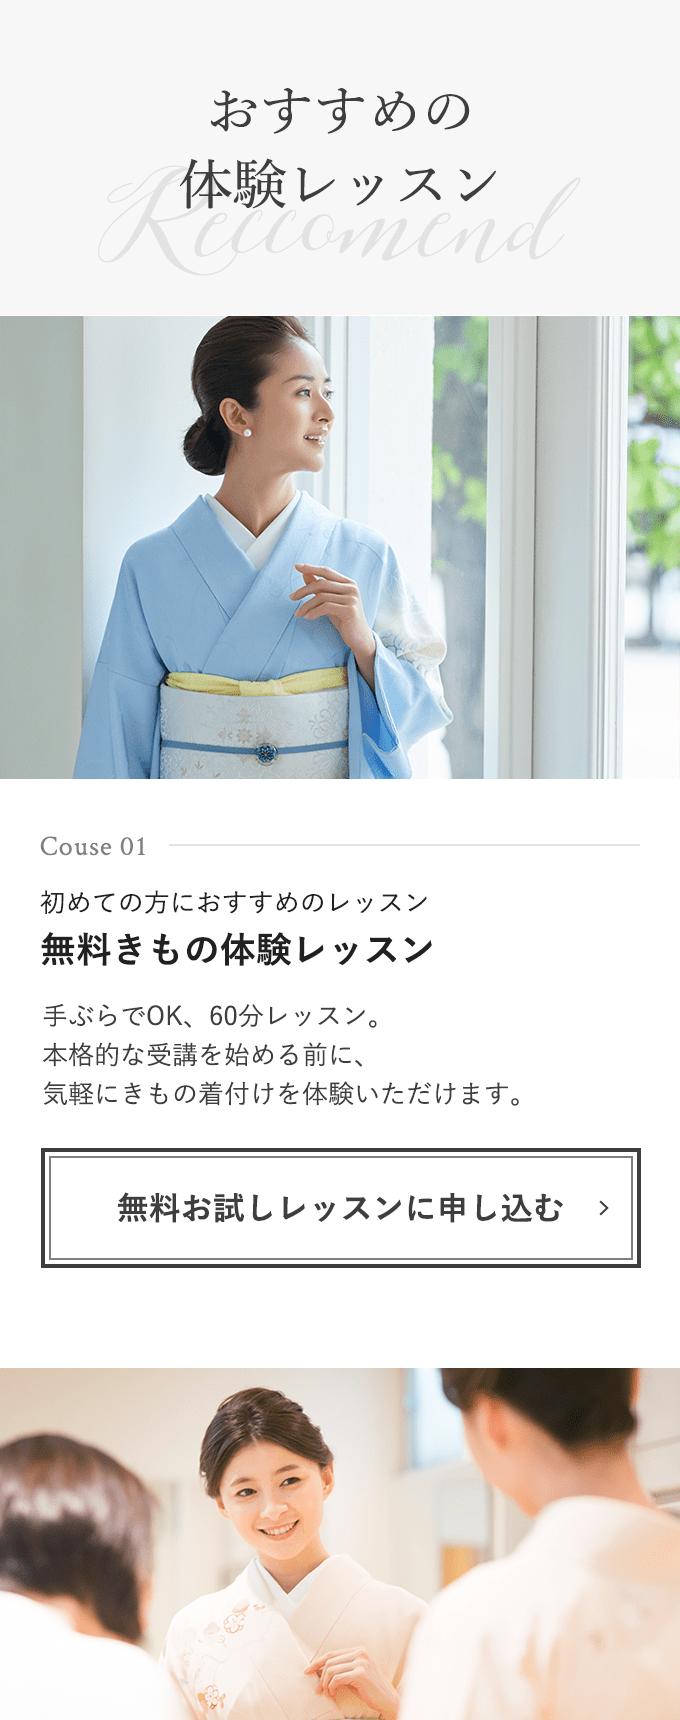 長沼きもの学院スマホデザイン